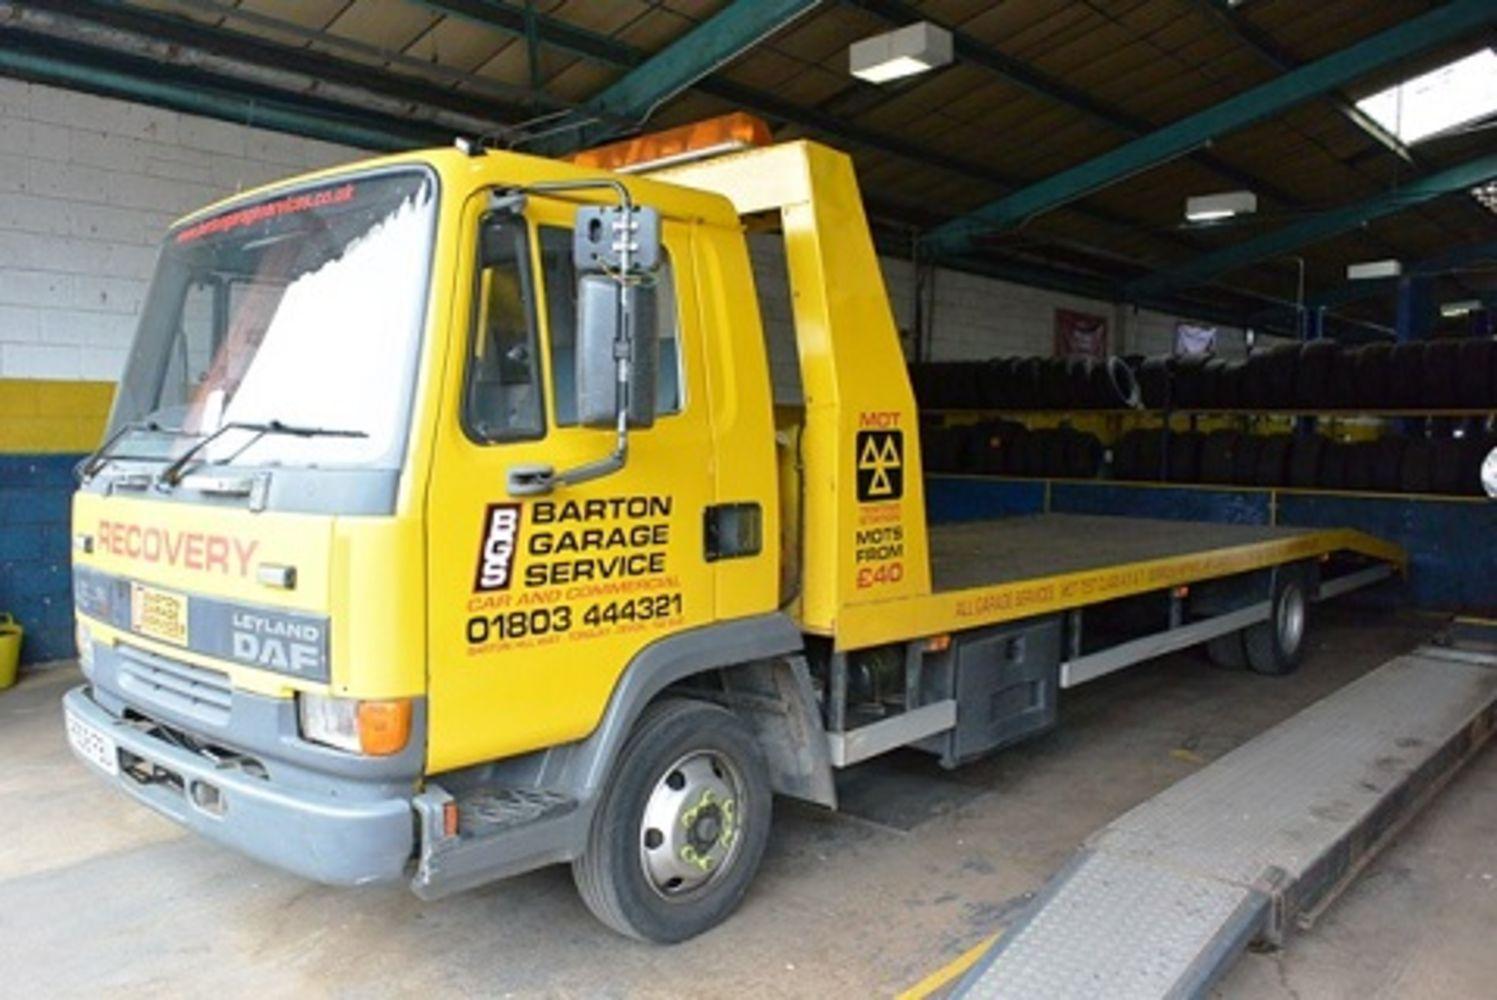 DTB Ltd T/A Barton Garage Services